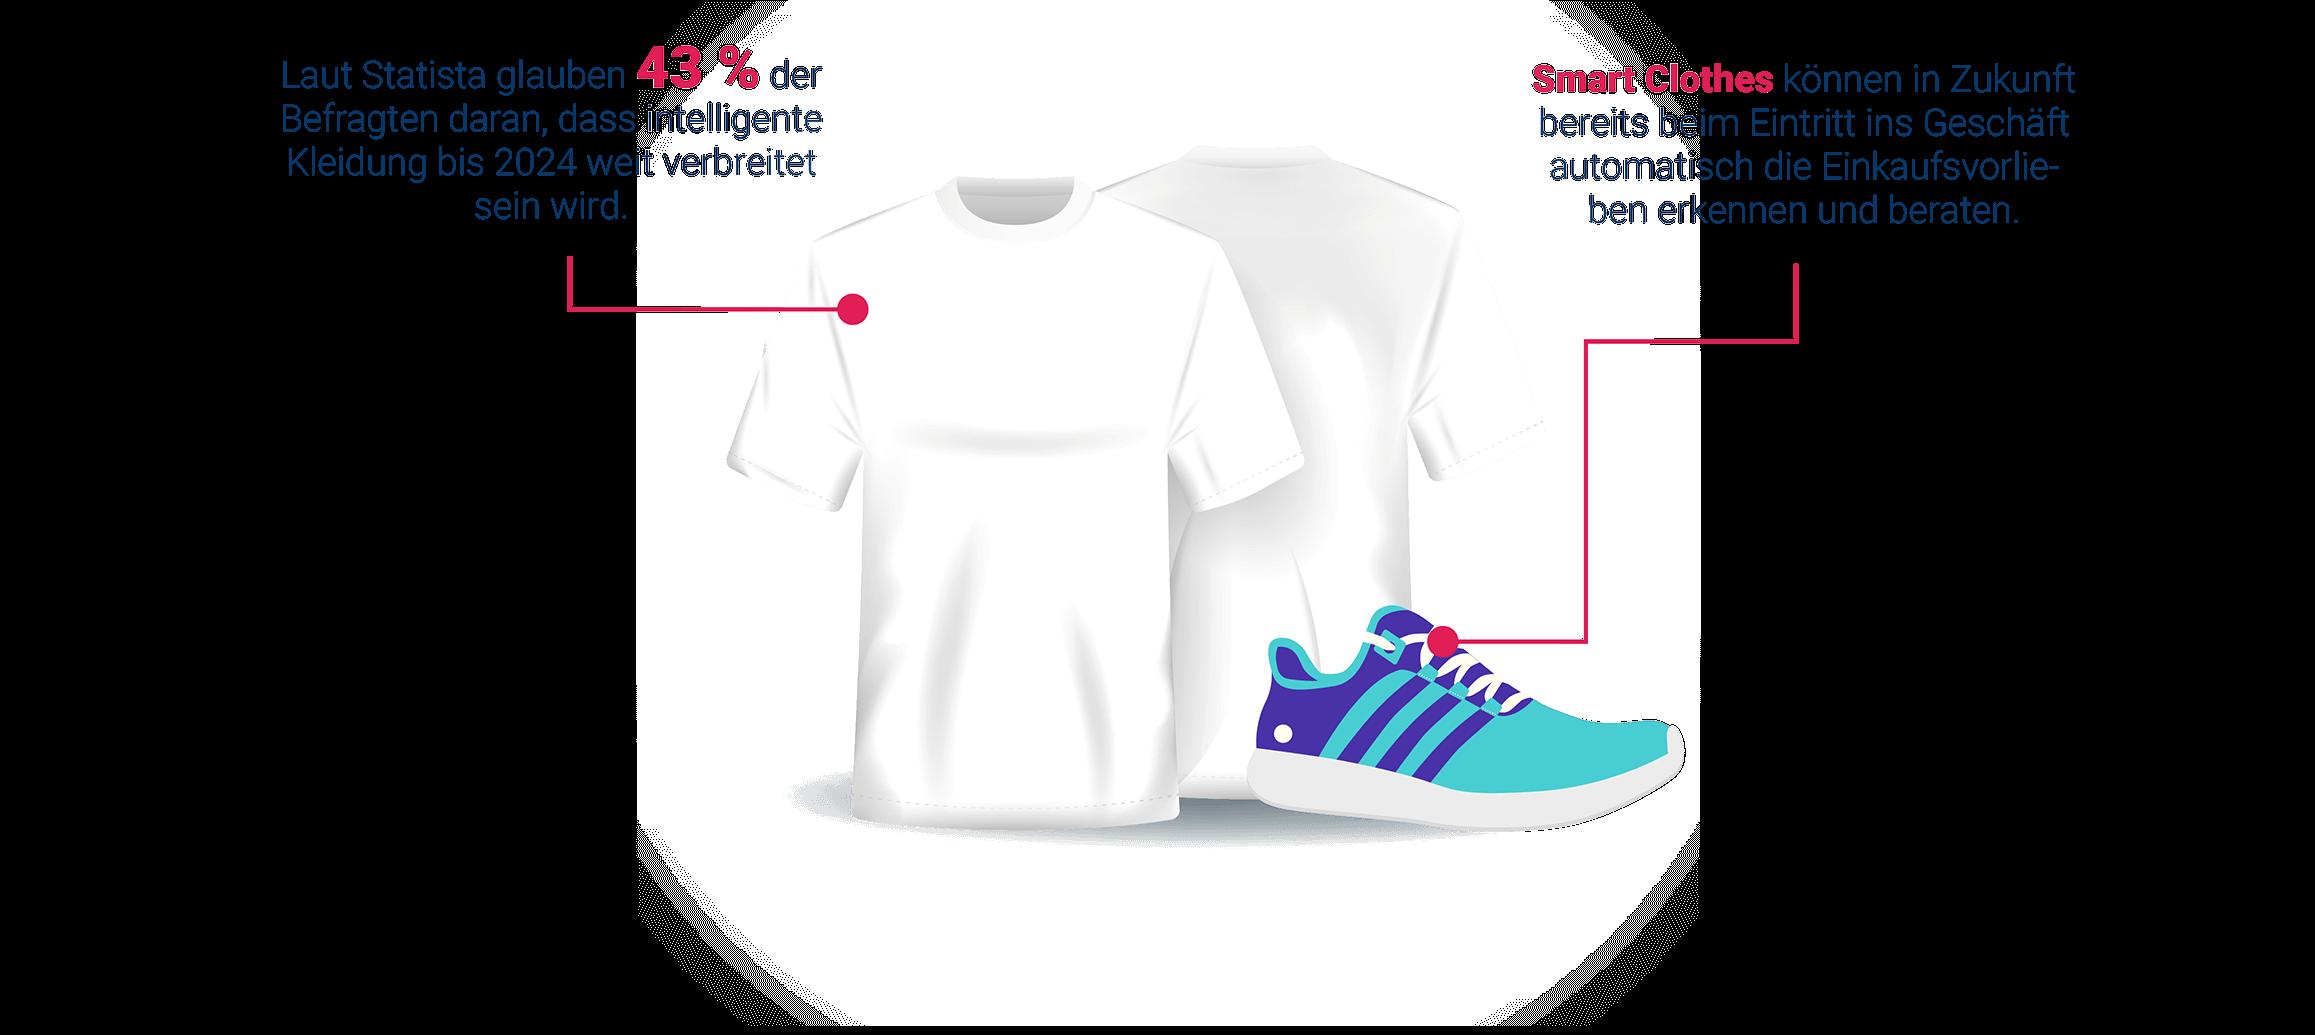 Smart Clothes